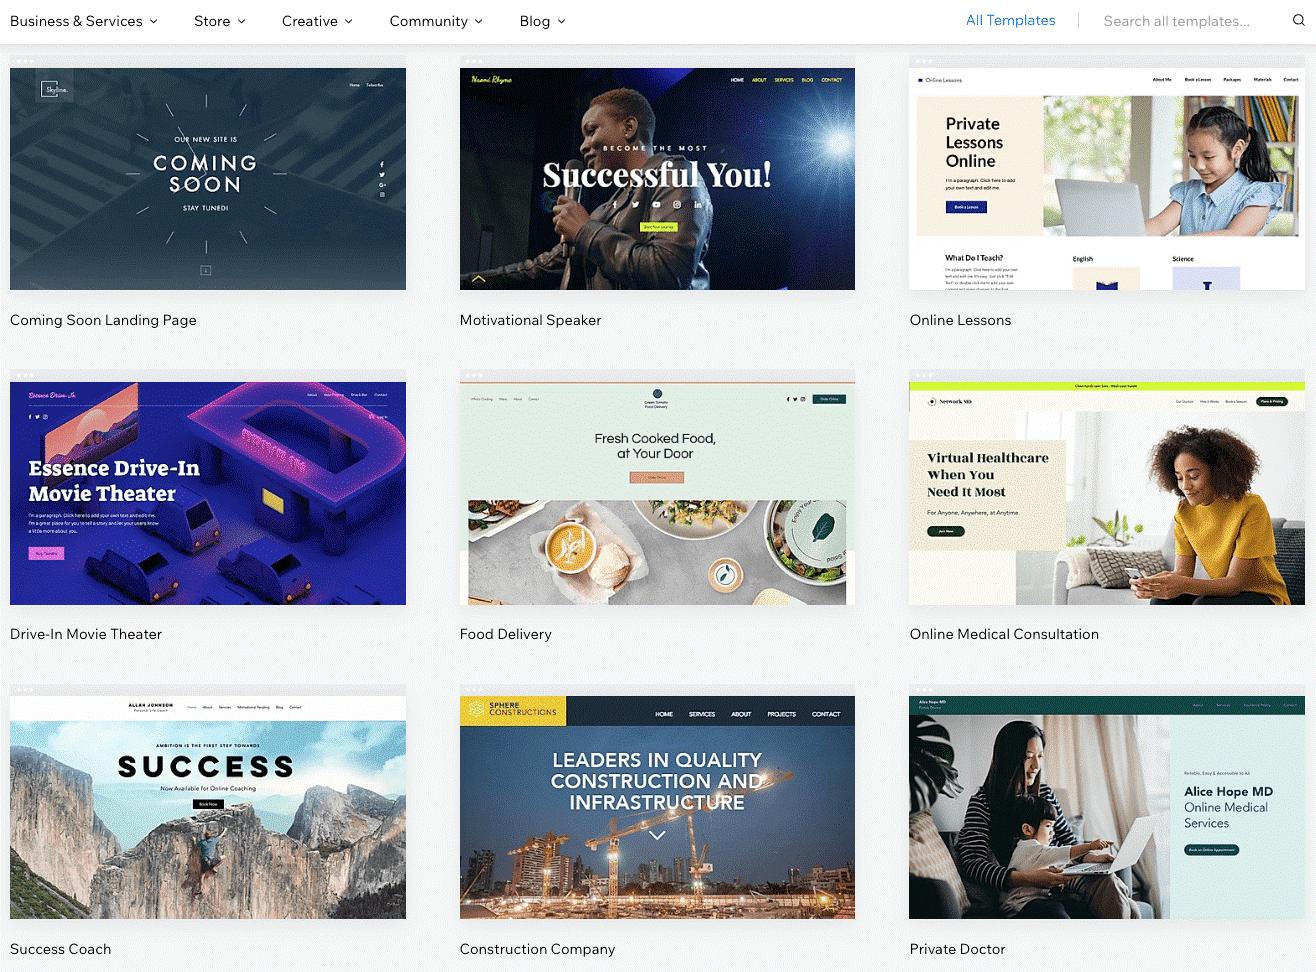 Cách tạo website bán hàng miễn phí tốt nhất hiện nay - 3